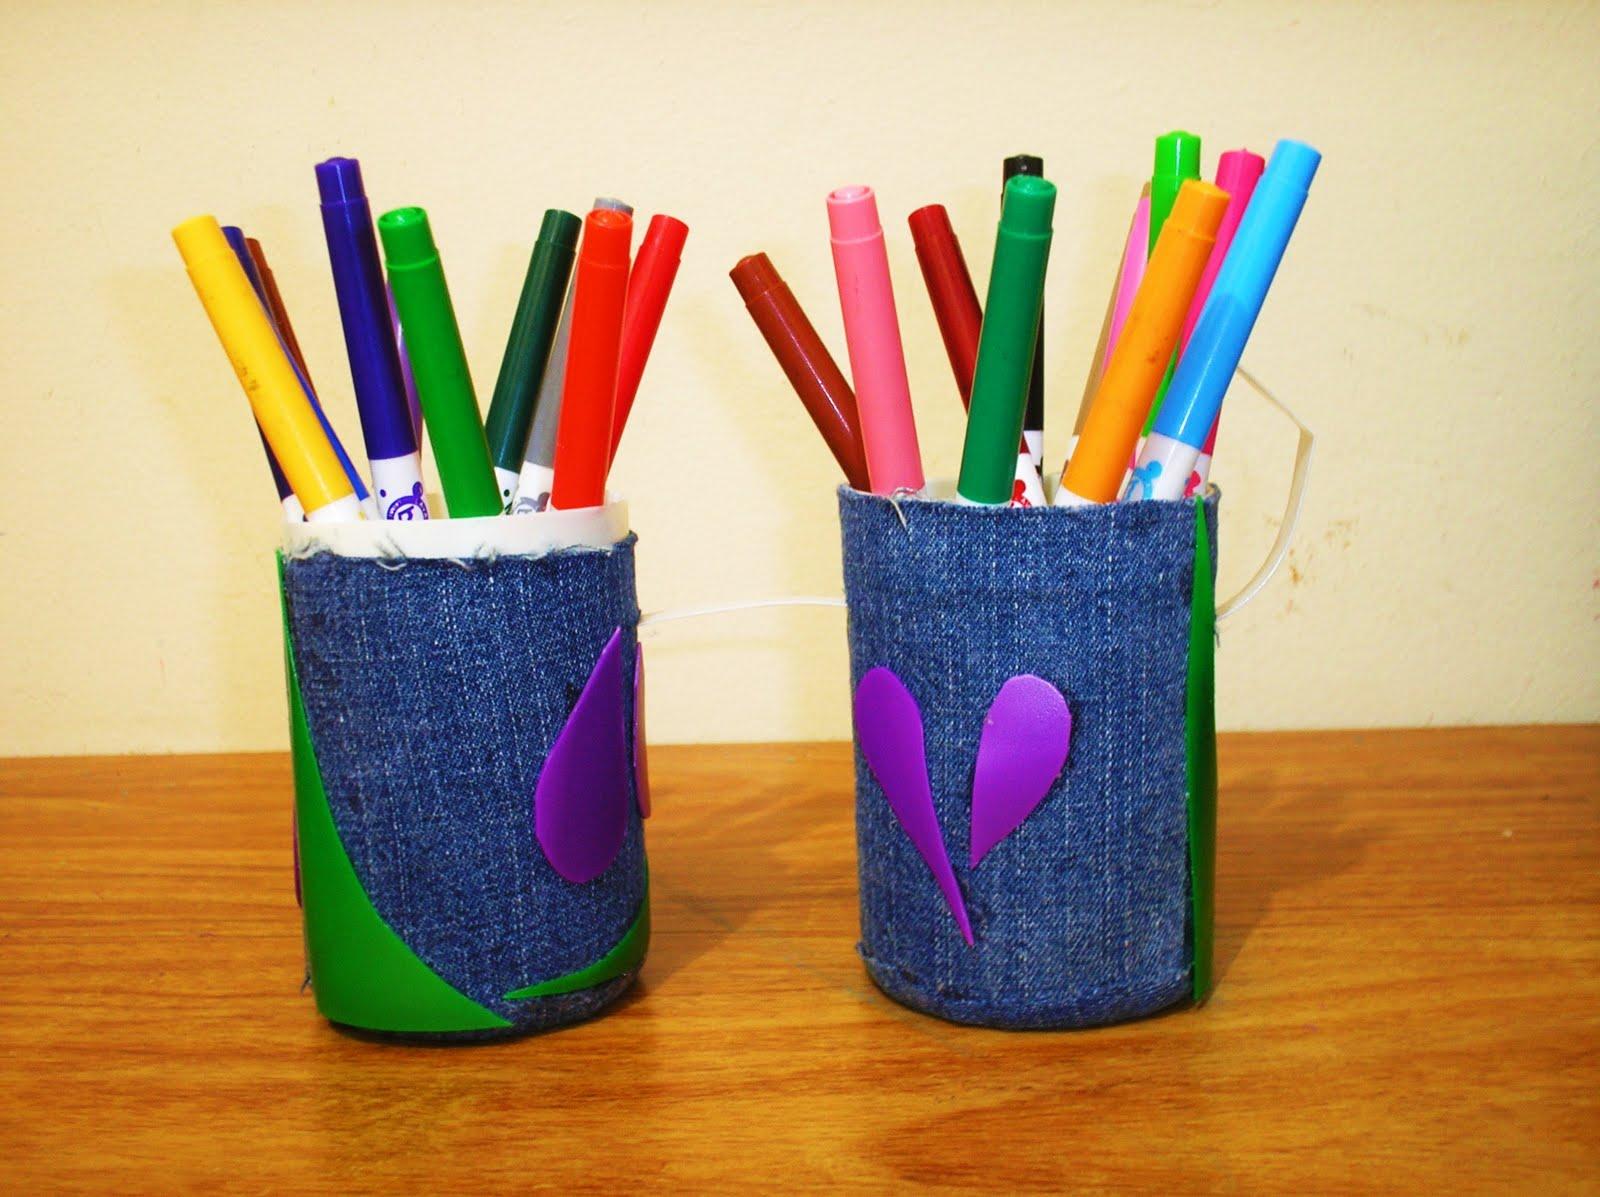 Aparador Suspenso Como Fazer ~ Sonhos e Alegrias Artesanato Sustentável O Colorido das Embalagens de Shampoo